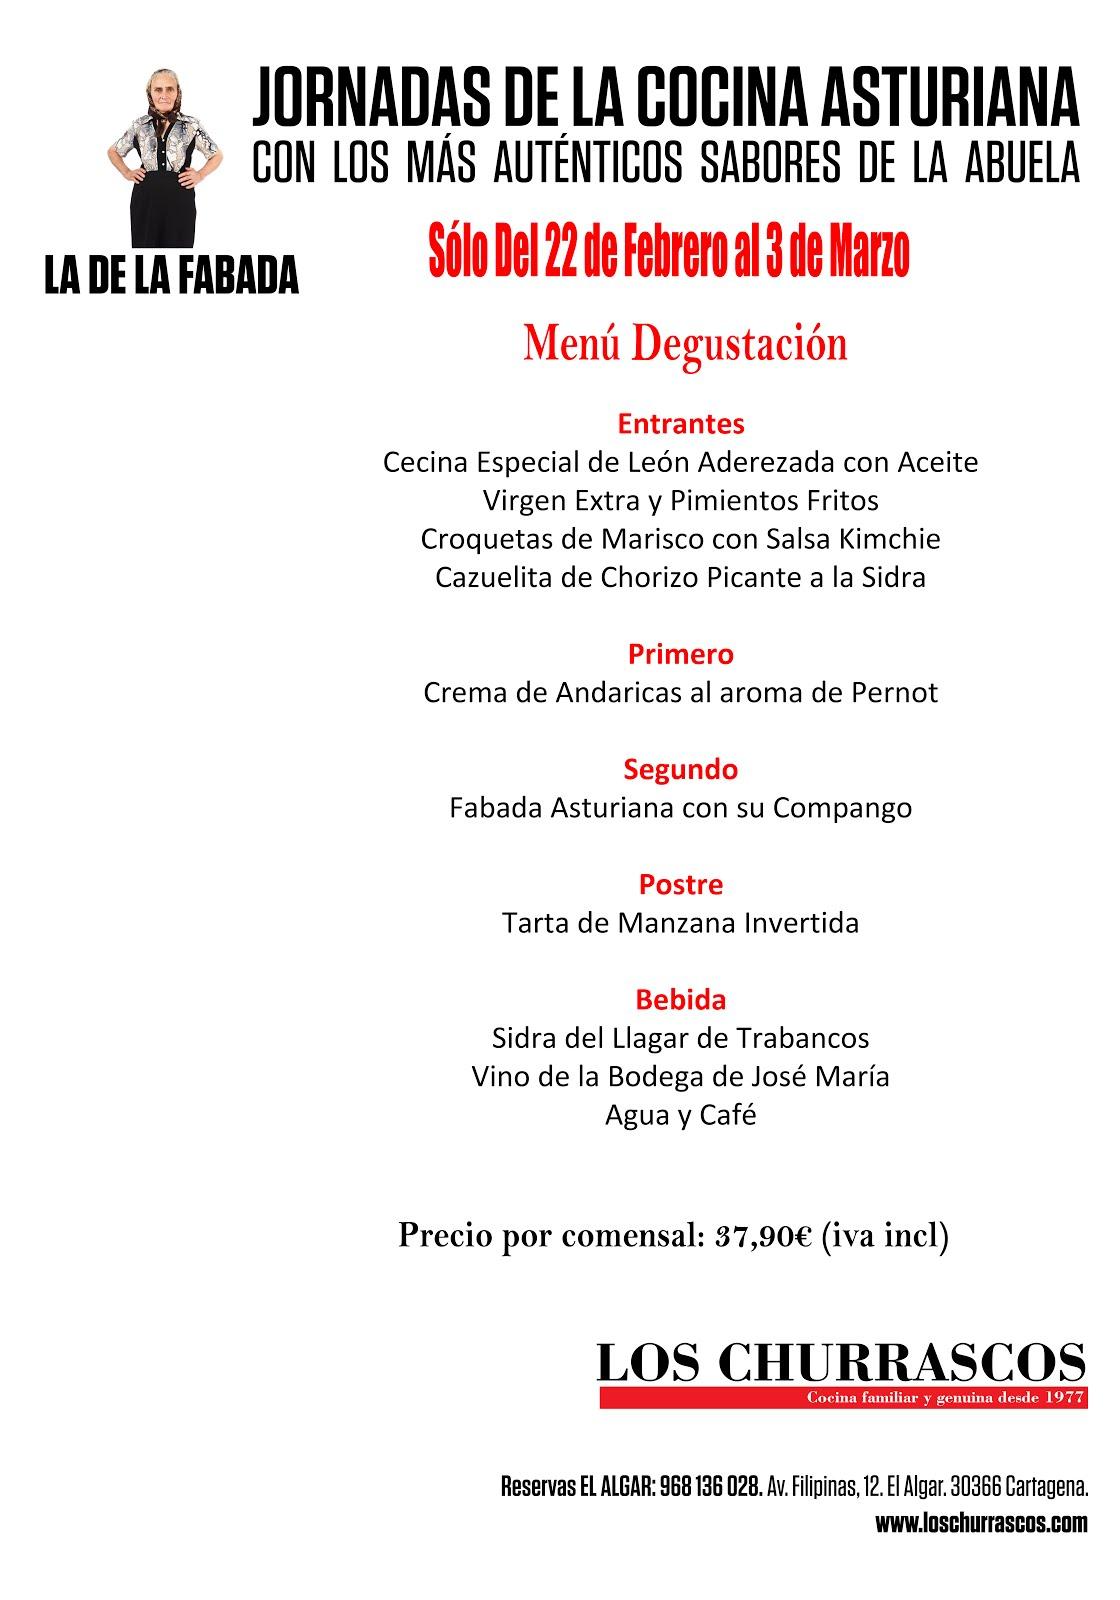 Jornadas de la Cocina Asturiana en Los Churrascos.